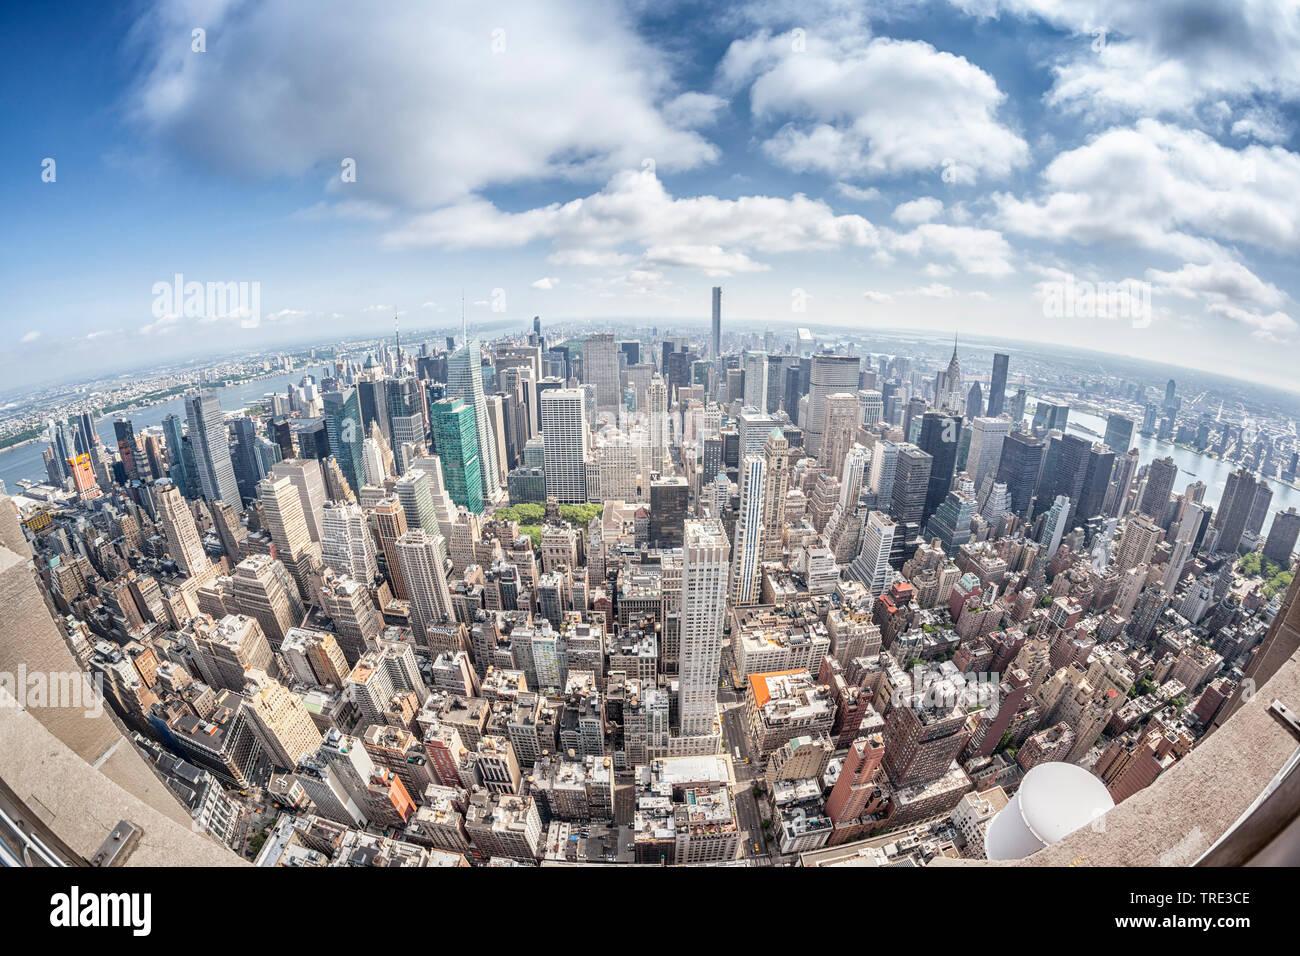 Wolkenkratzer New Yorks, fotografiert mit Fischaugen-Objektiv, USA, New York City   skyscaper of New York, siheye view, USA, New York City   BLWS51624 - Stock Image